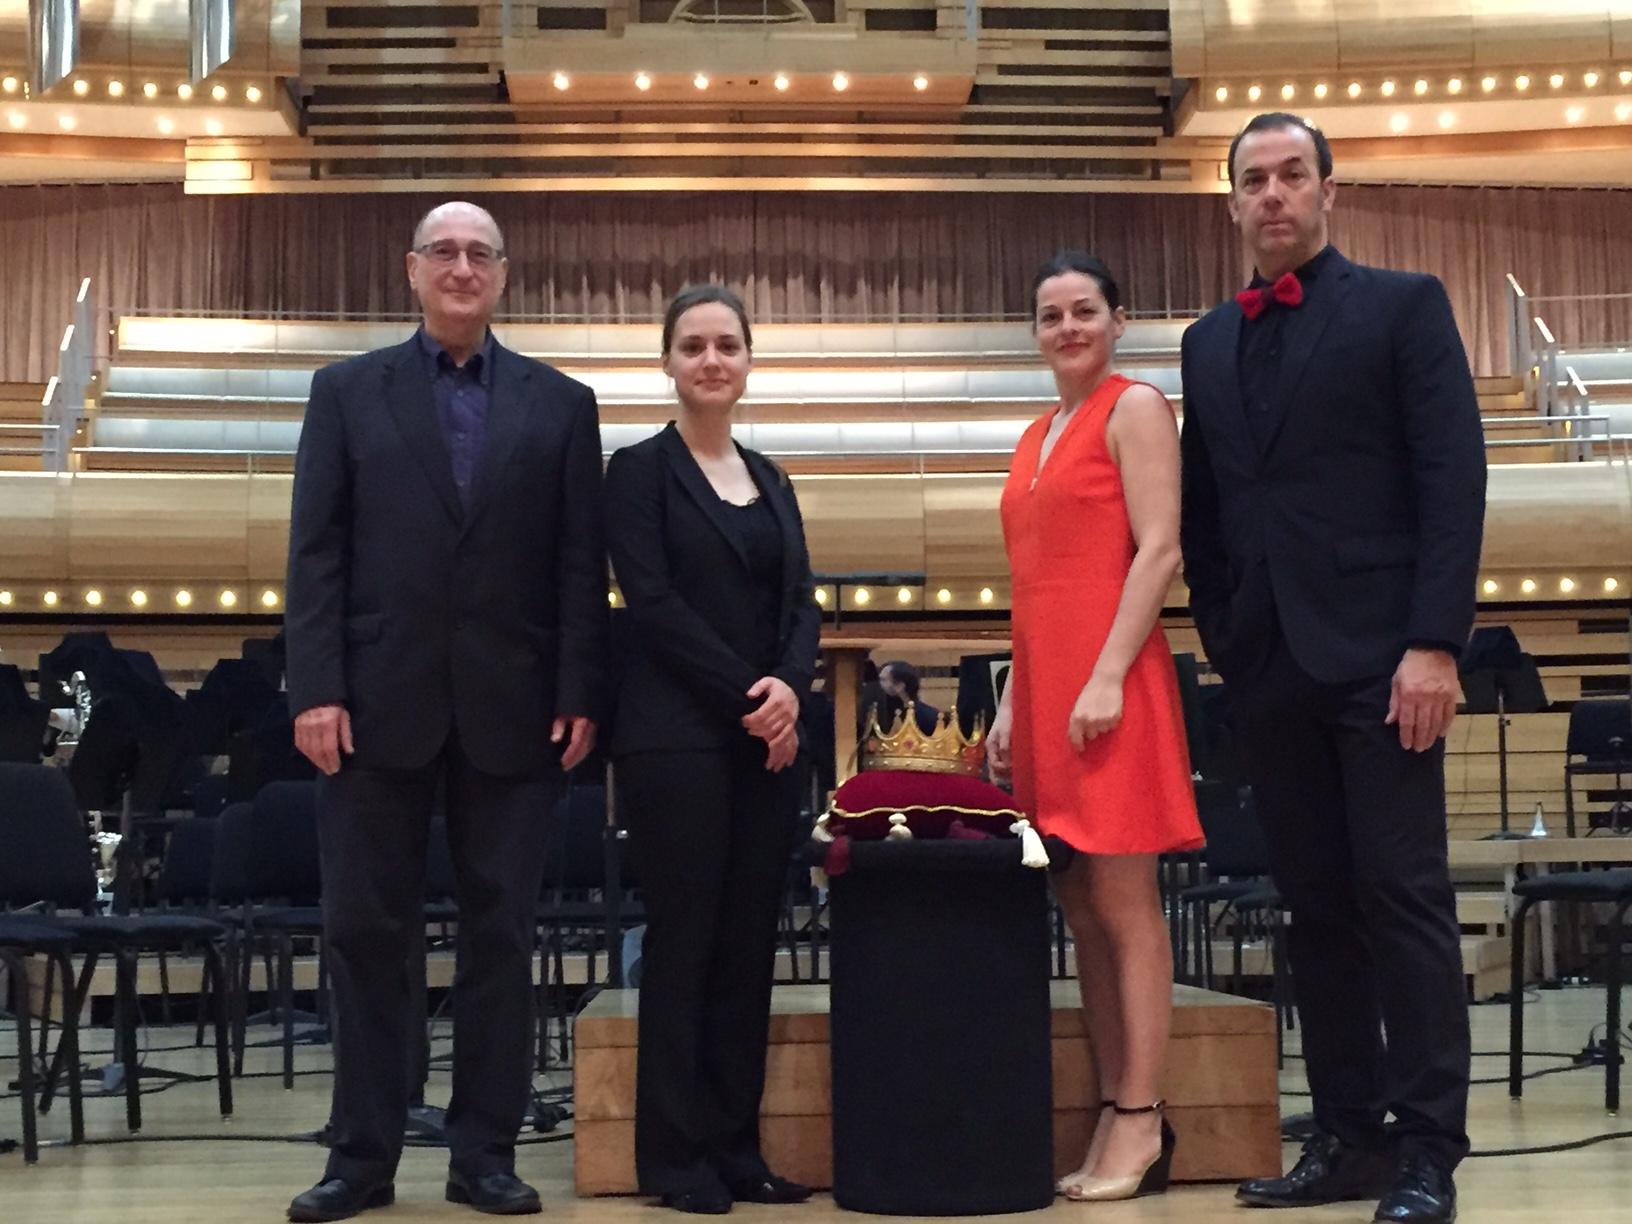 Orchestre symphonique de Montréal, composer Raphael Mostel, conductor Dina Gilbert, narrators Sophie Cadieux & Pierre Brassard - photo: Caroline Louis